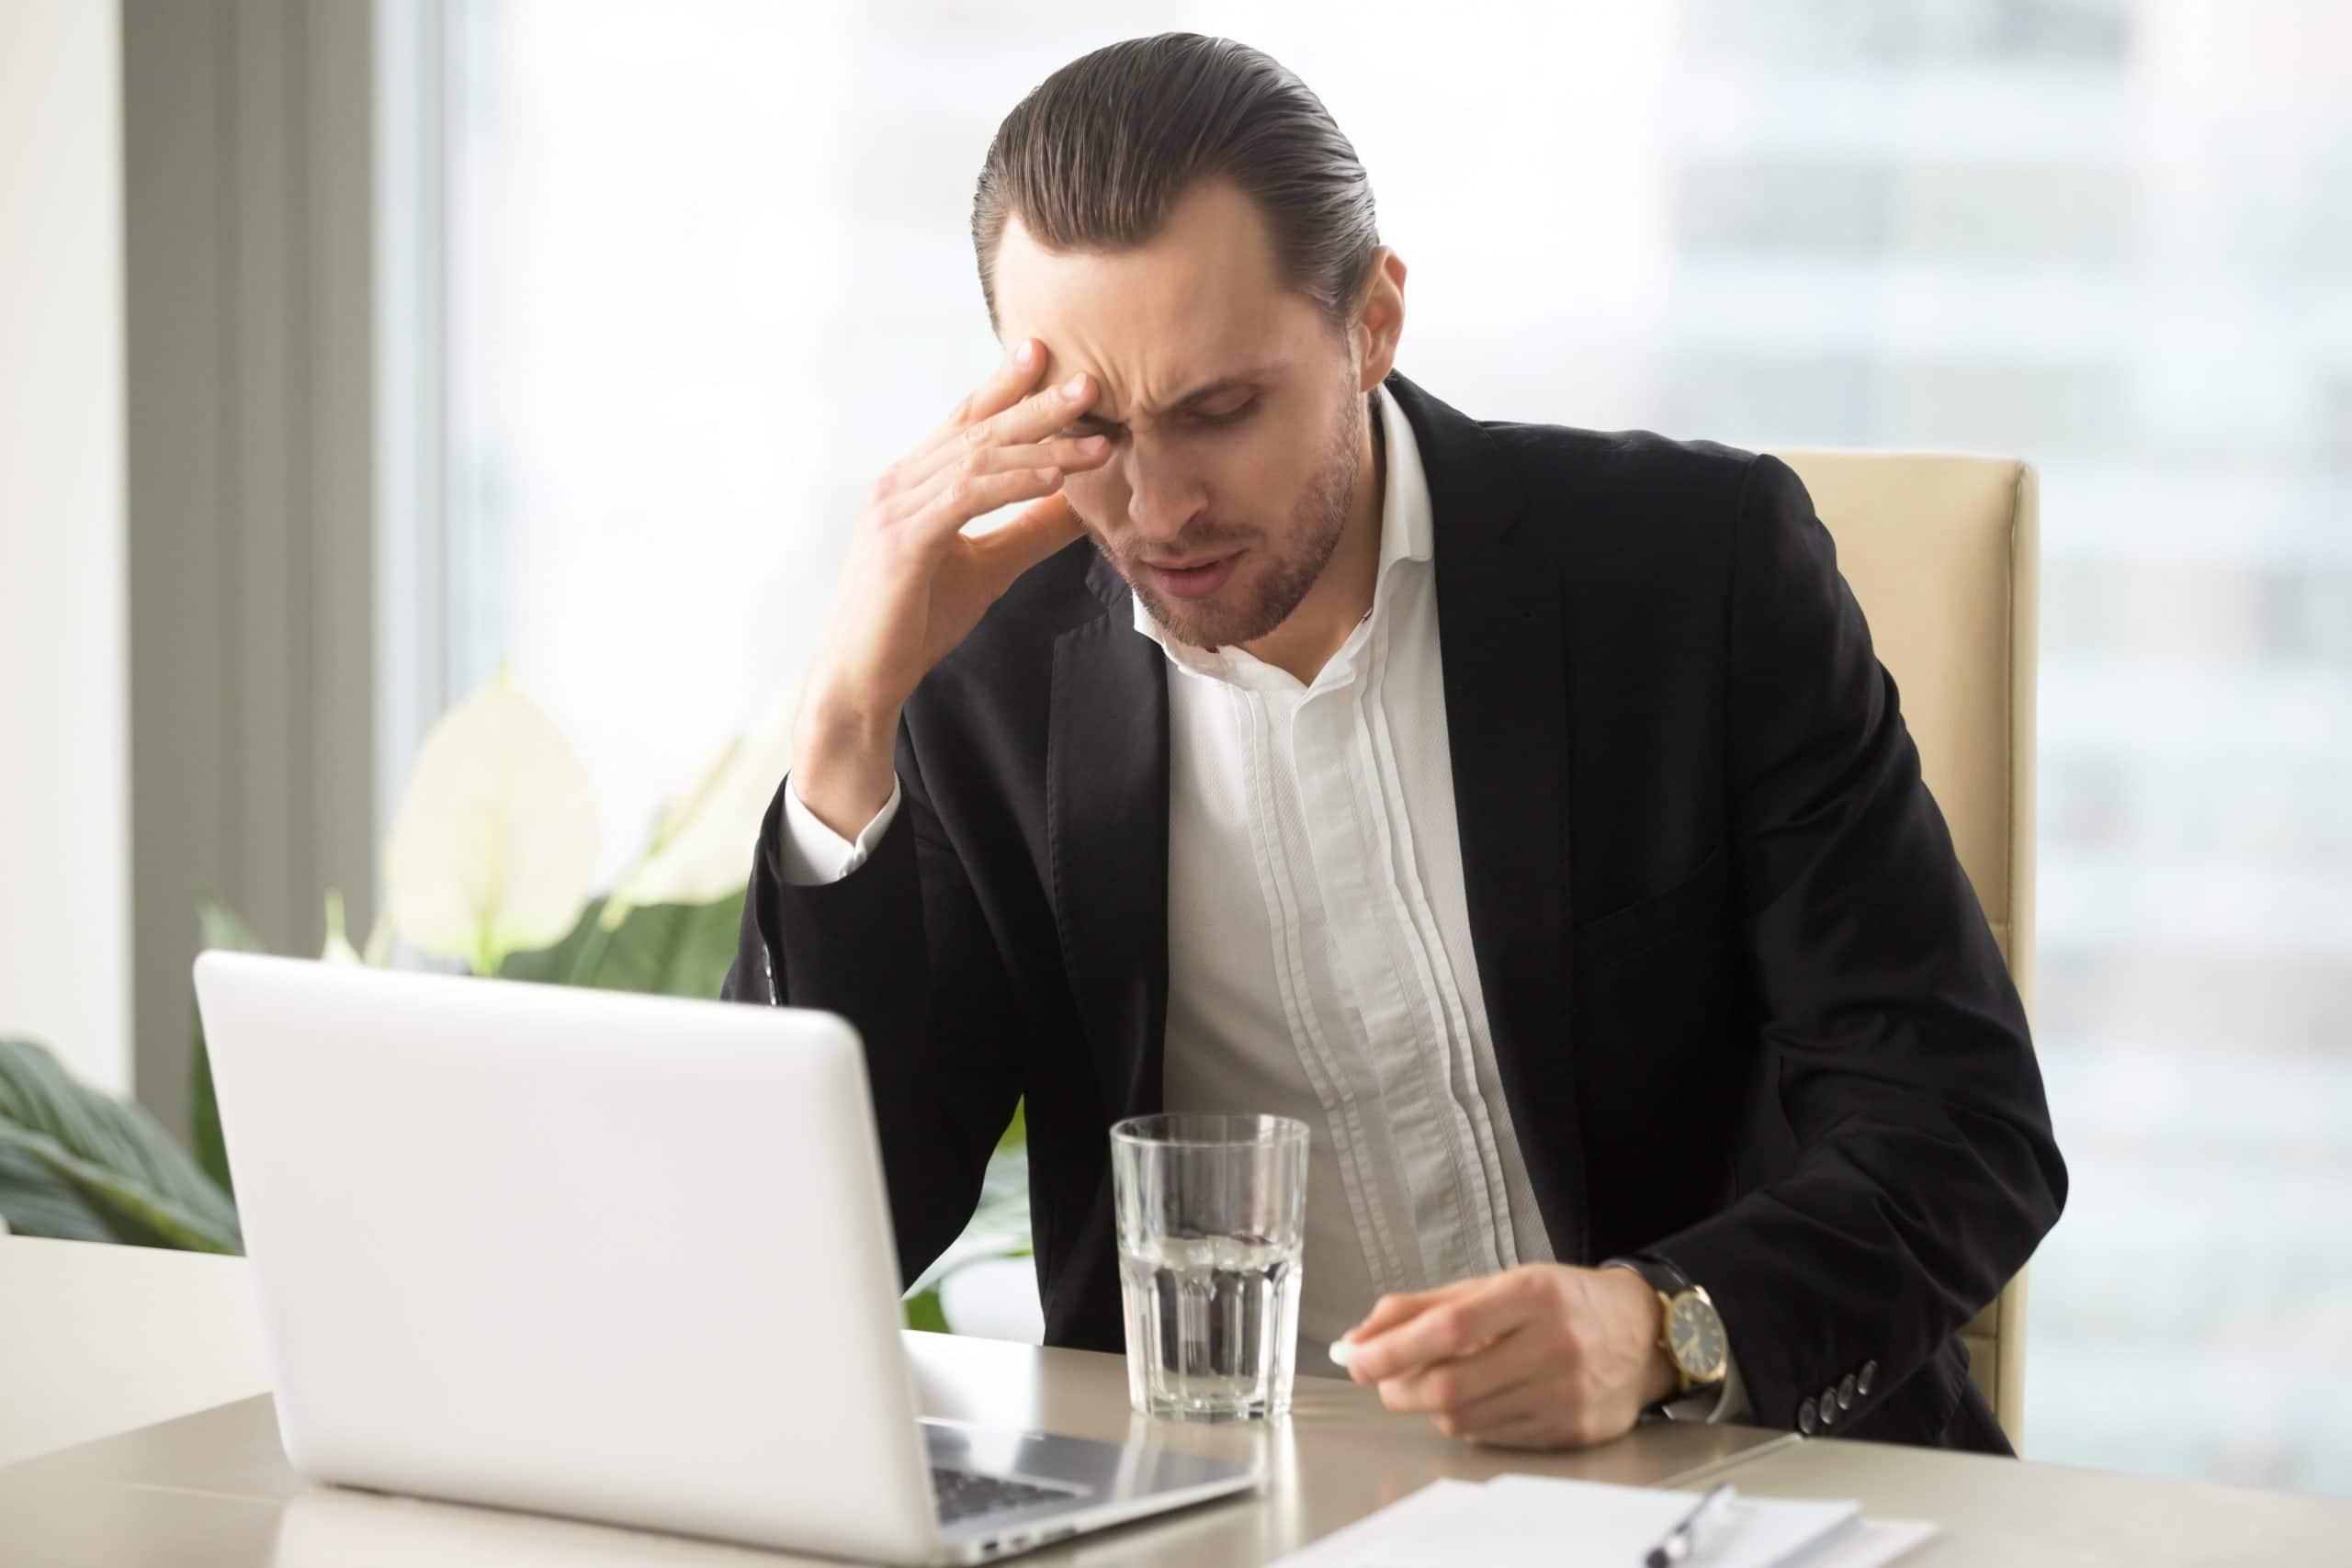 Uomo a lavoro davanti al computer che si tiene la testa, affetto da labirintite